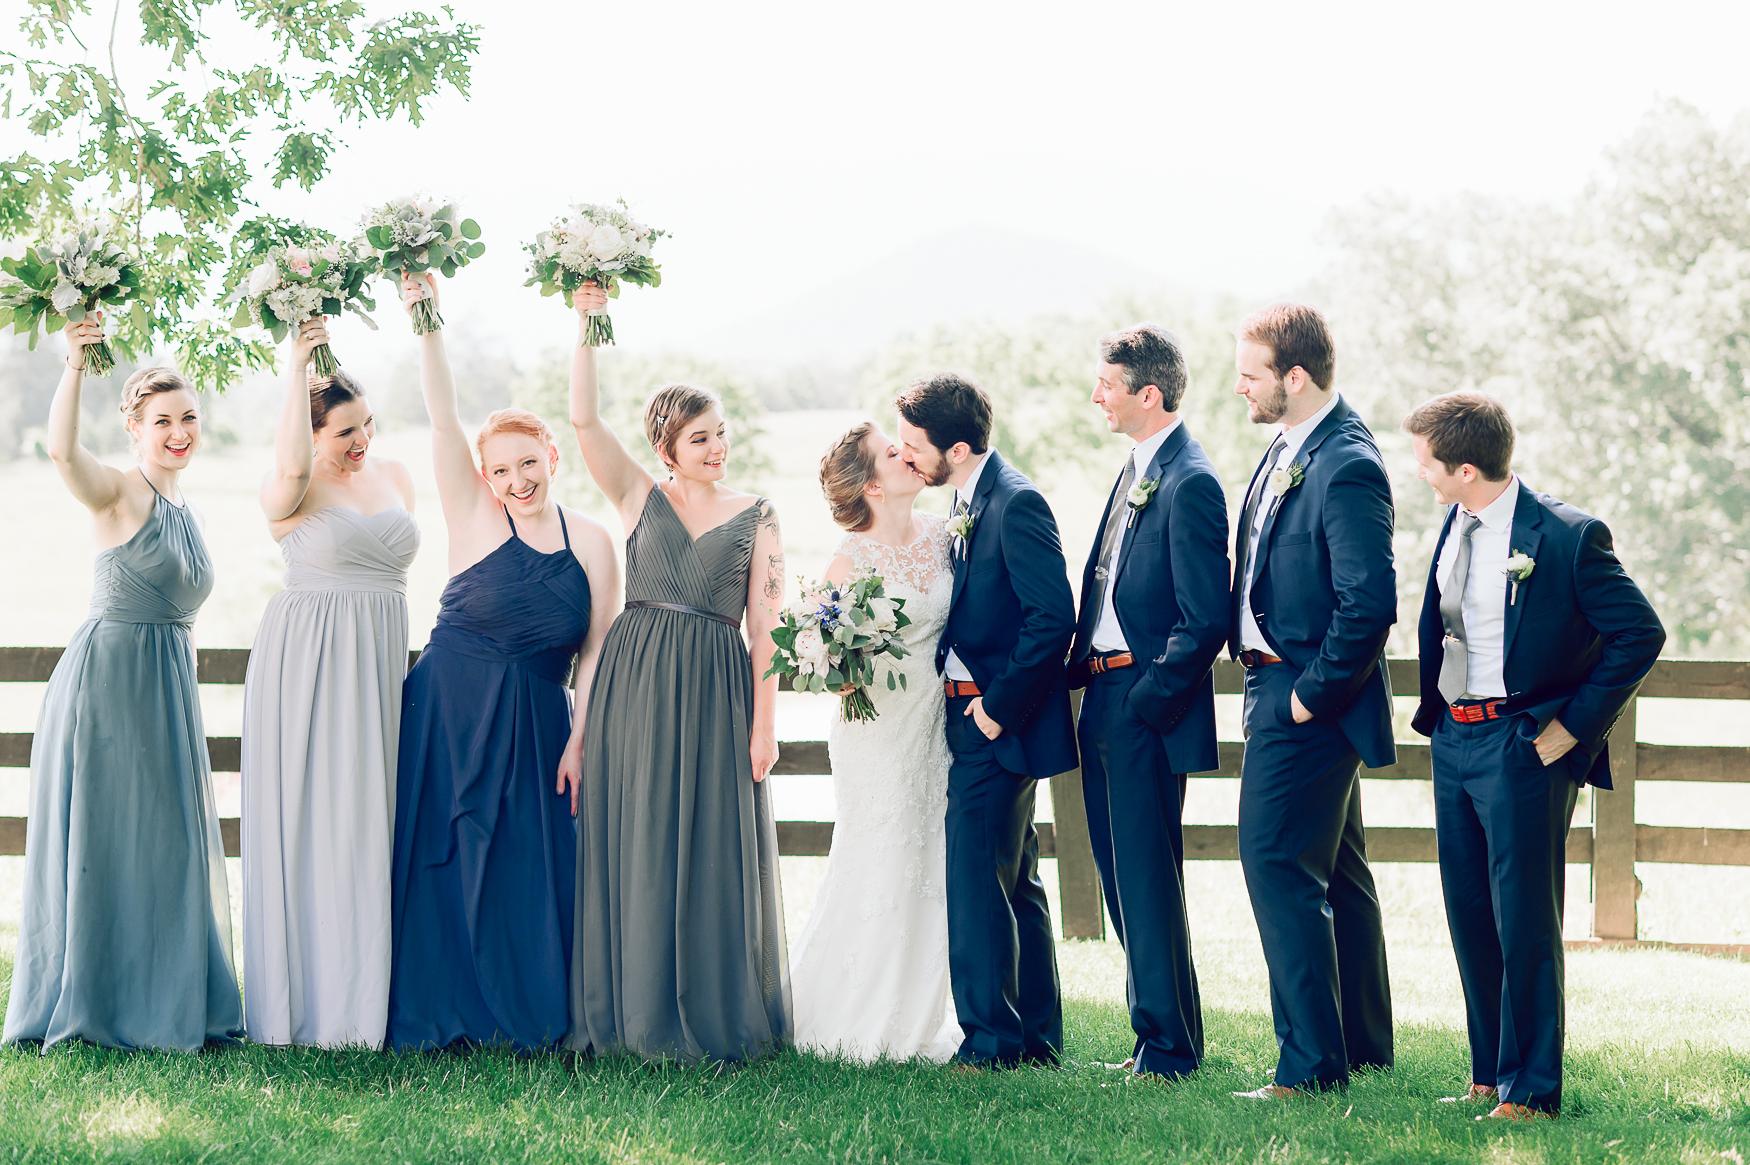 charlottesvillewedding_backyardwedding_virginia_youseephotography_CaitlinDerek (22).jpg